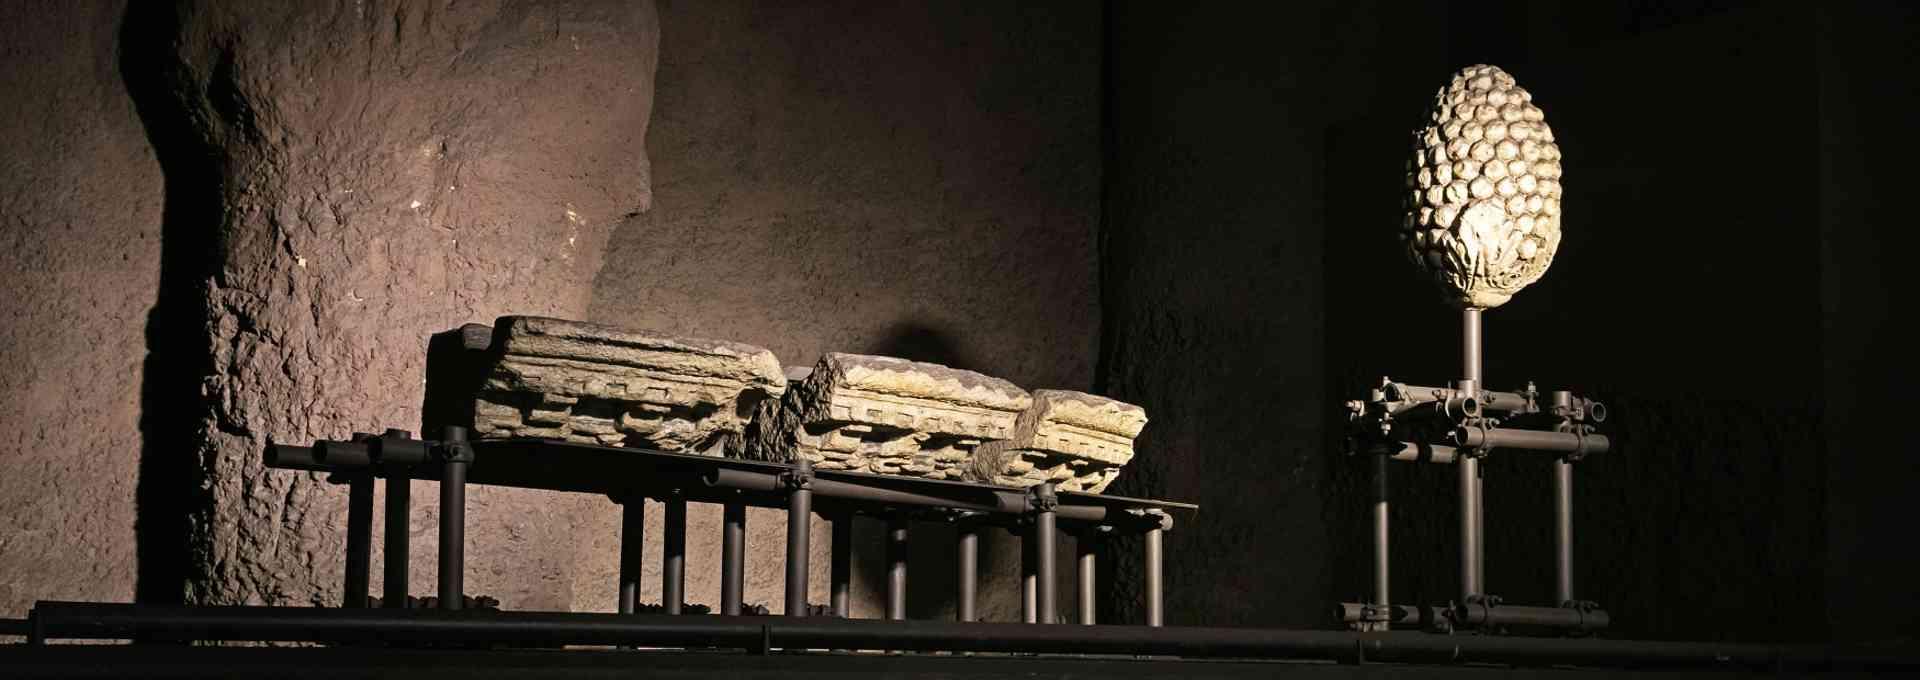 Die römischen Steinexponate in der Rochusgasse  sind etwa 2000 Jahre alt und werden in der Station ausgestellt.